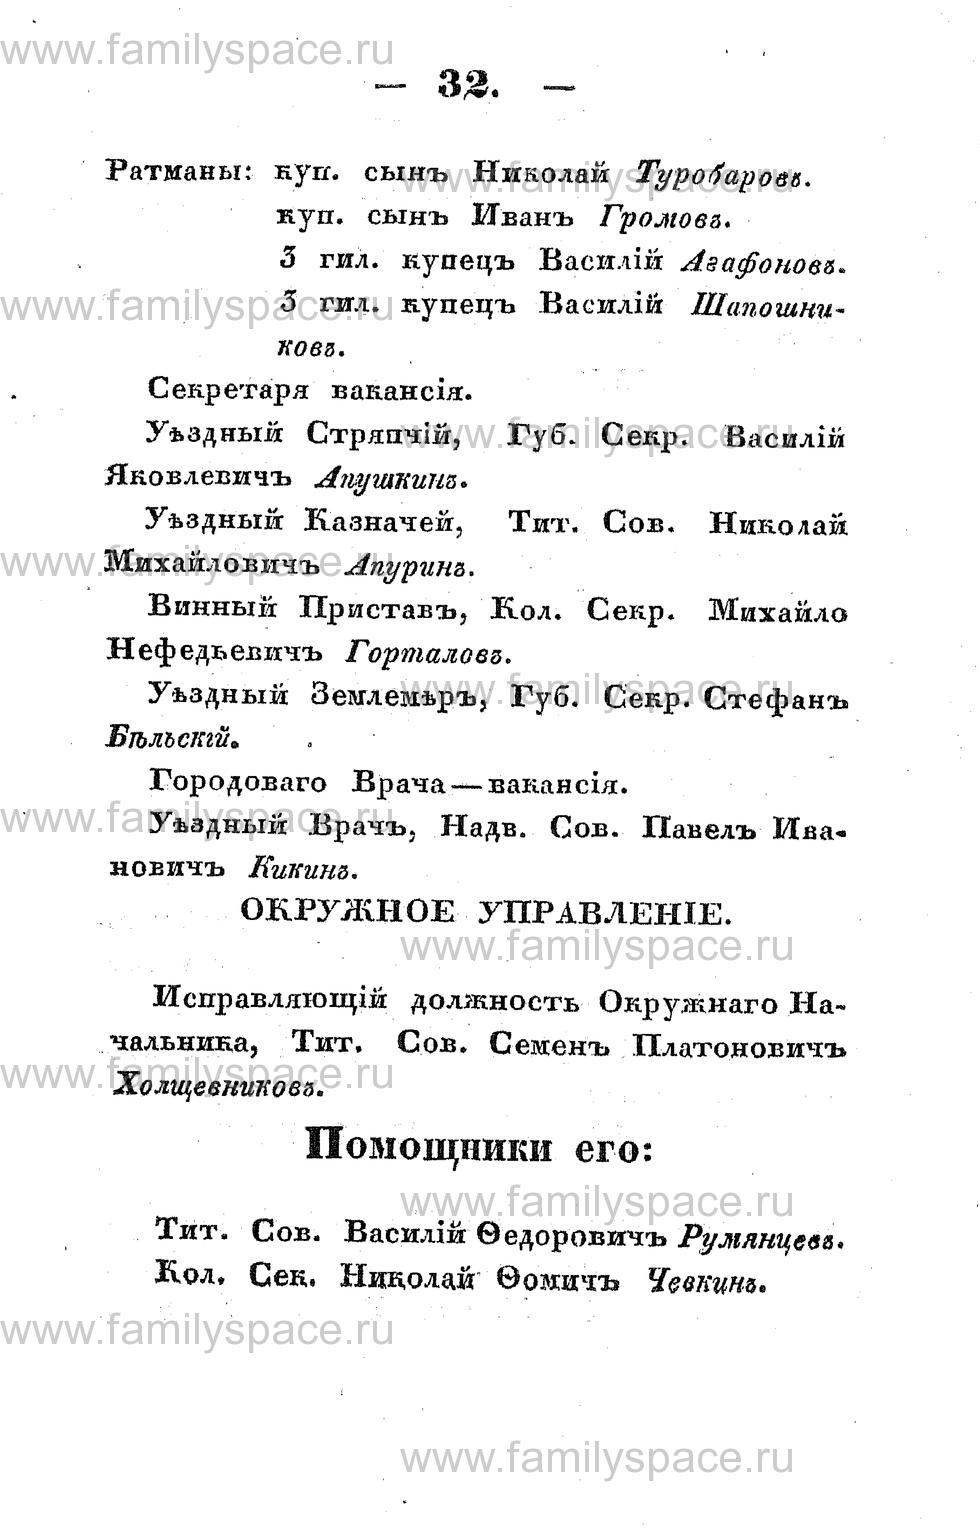 Поиск по фамилии - Памятная книжка Костромской губернии на 1853 год, страница 32